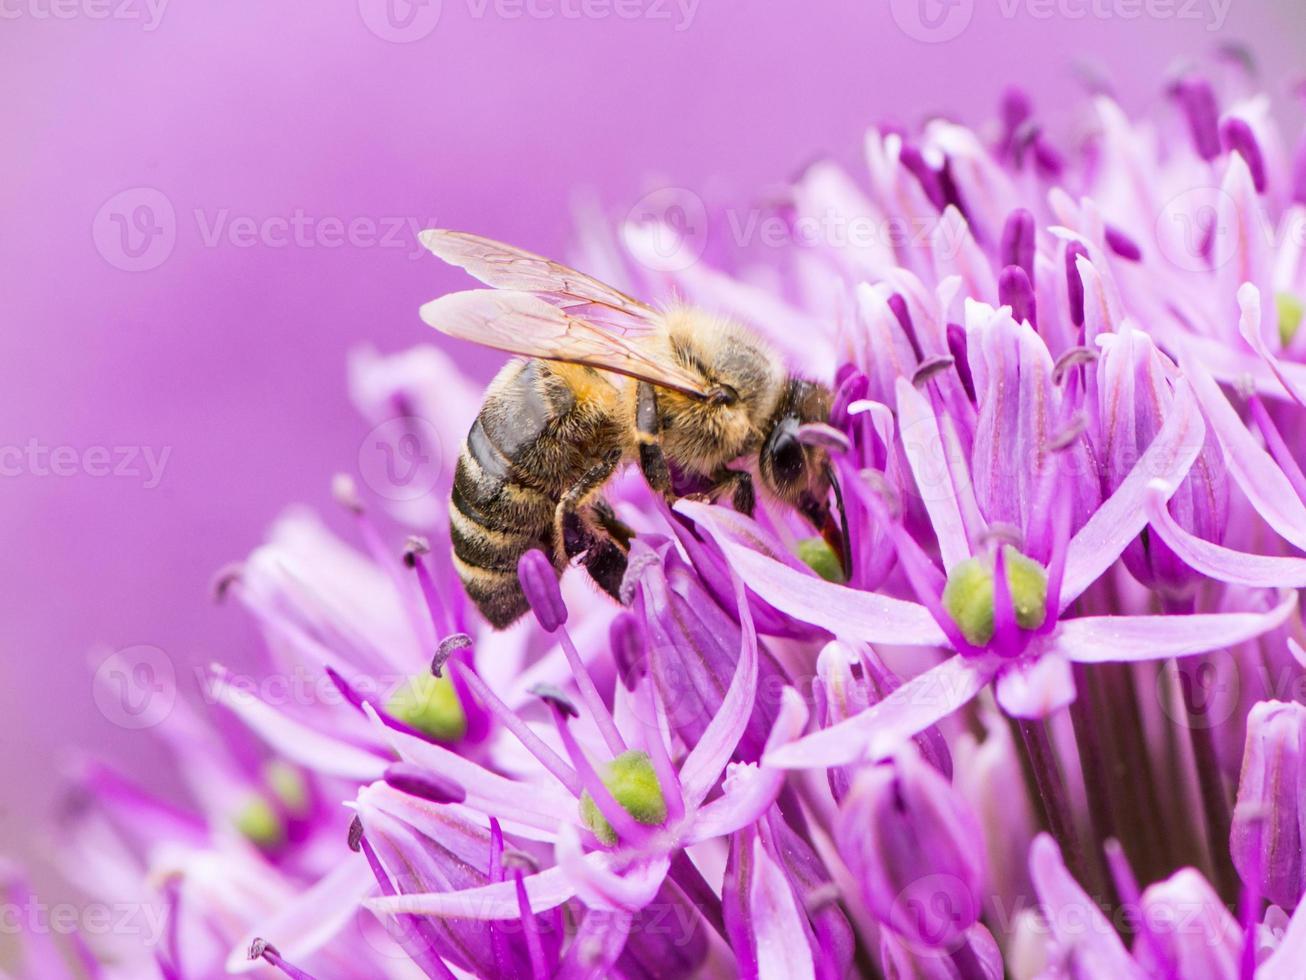 polen recolector de abejas en una flor de cebolla gigante foto